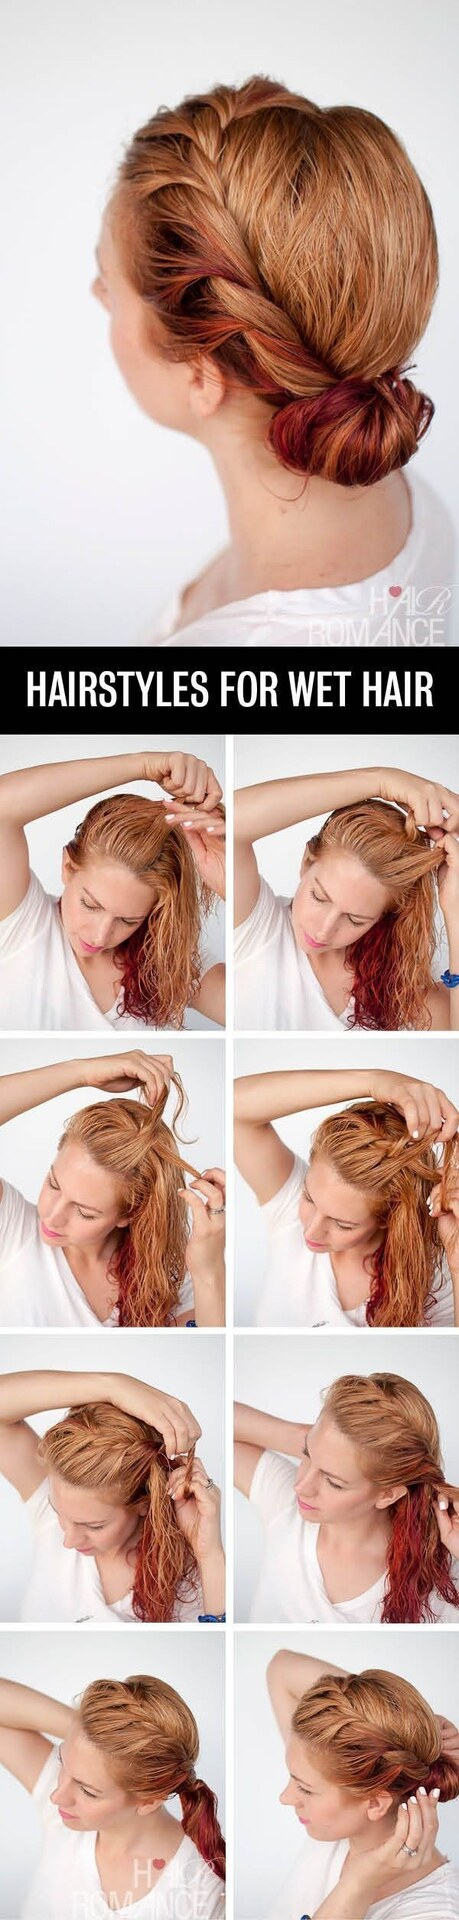 20 Penteados Que Você Pode Fazer Em Menos De 5 Minutos